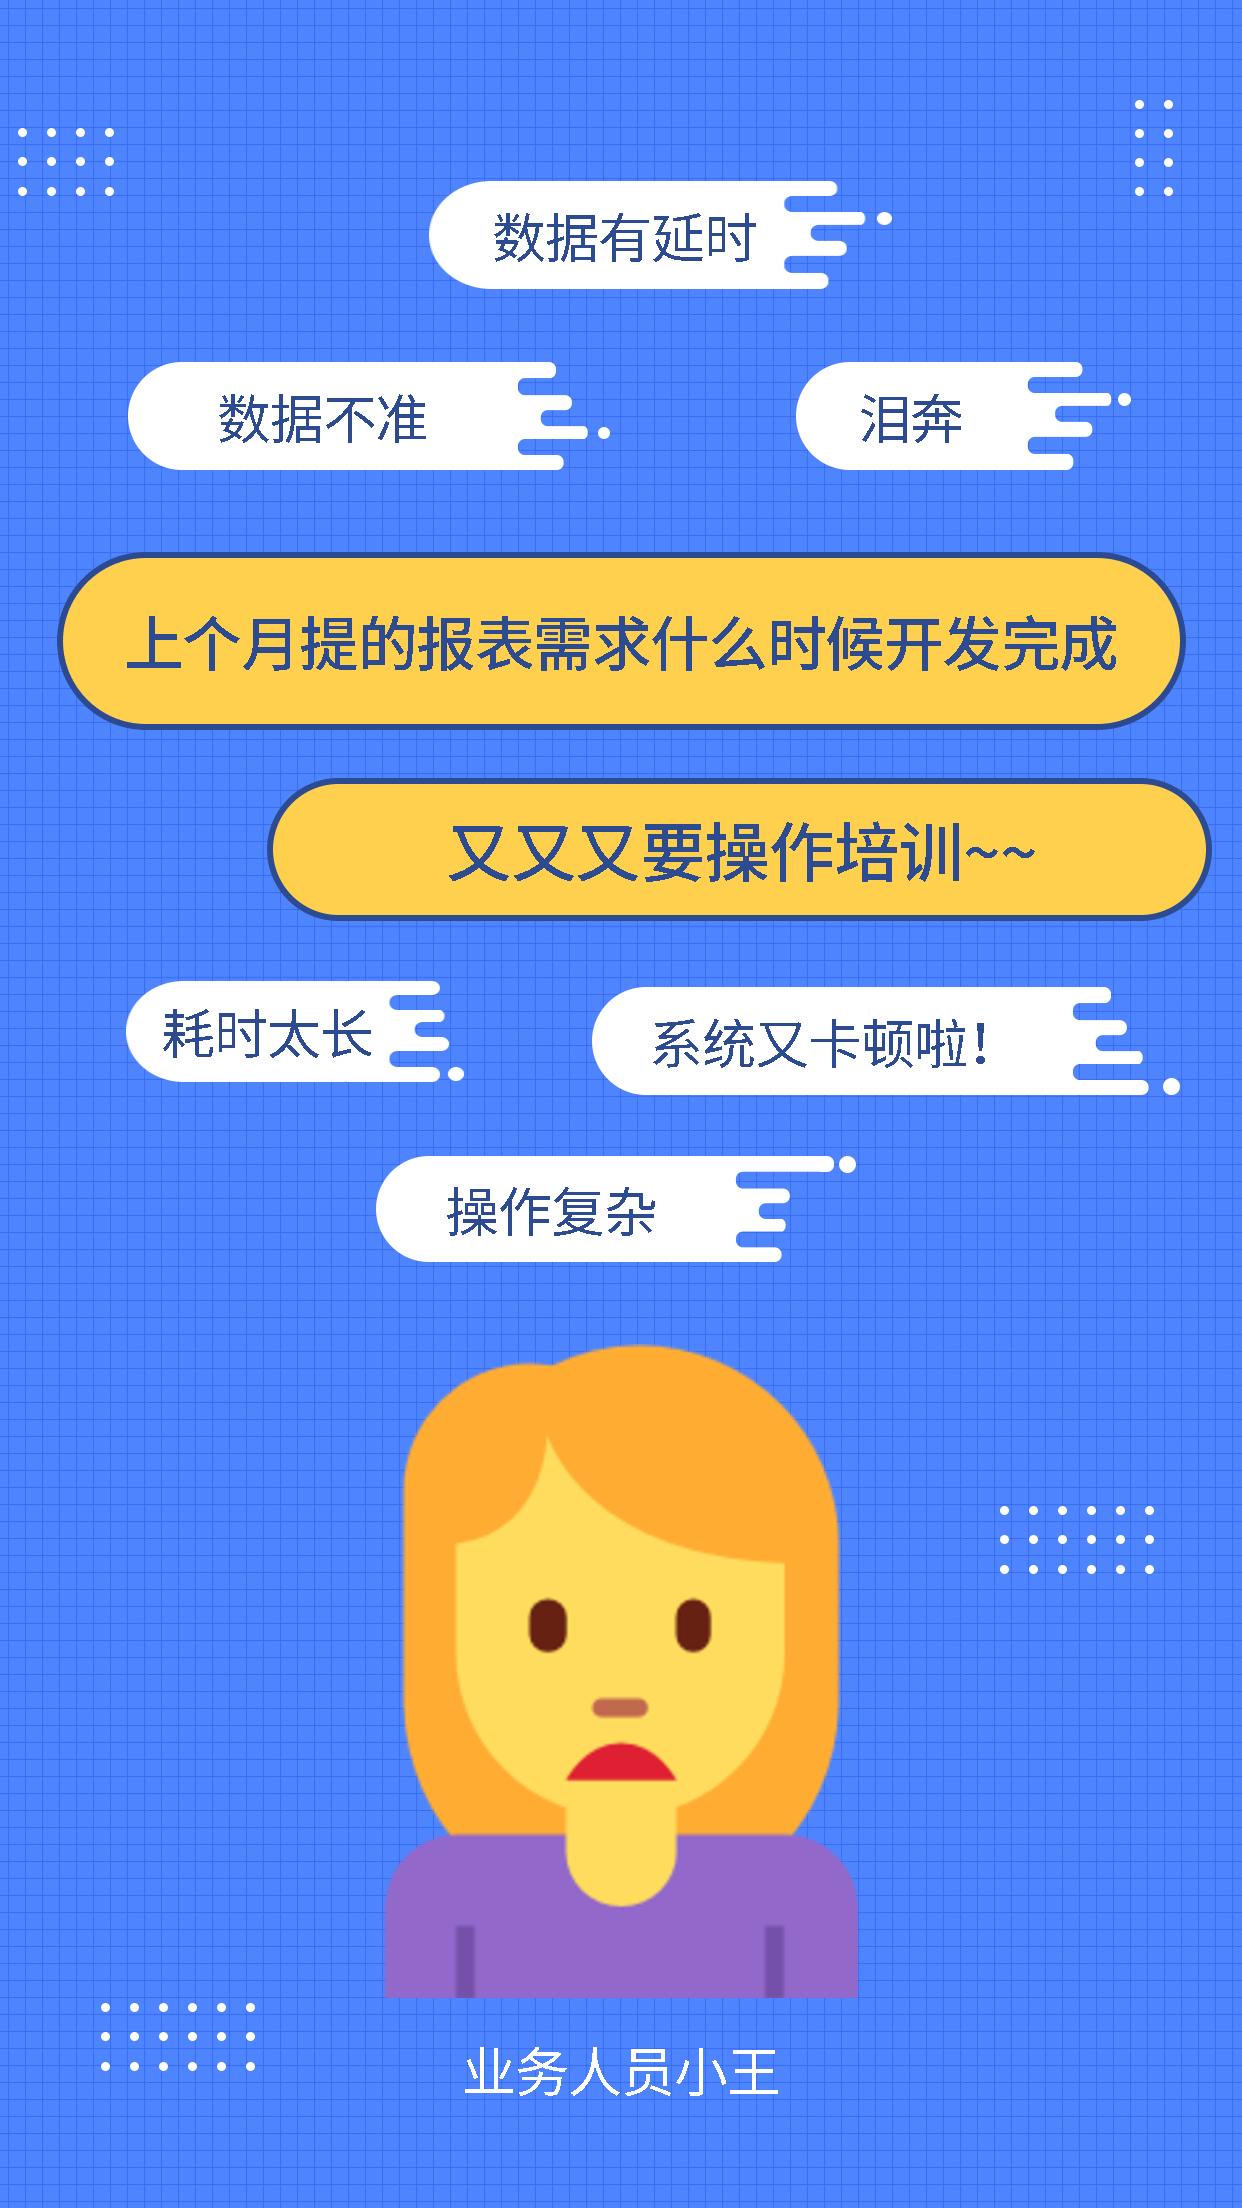 创意优惠促销搞怪表情包手机海报 (1).jpg